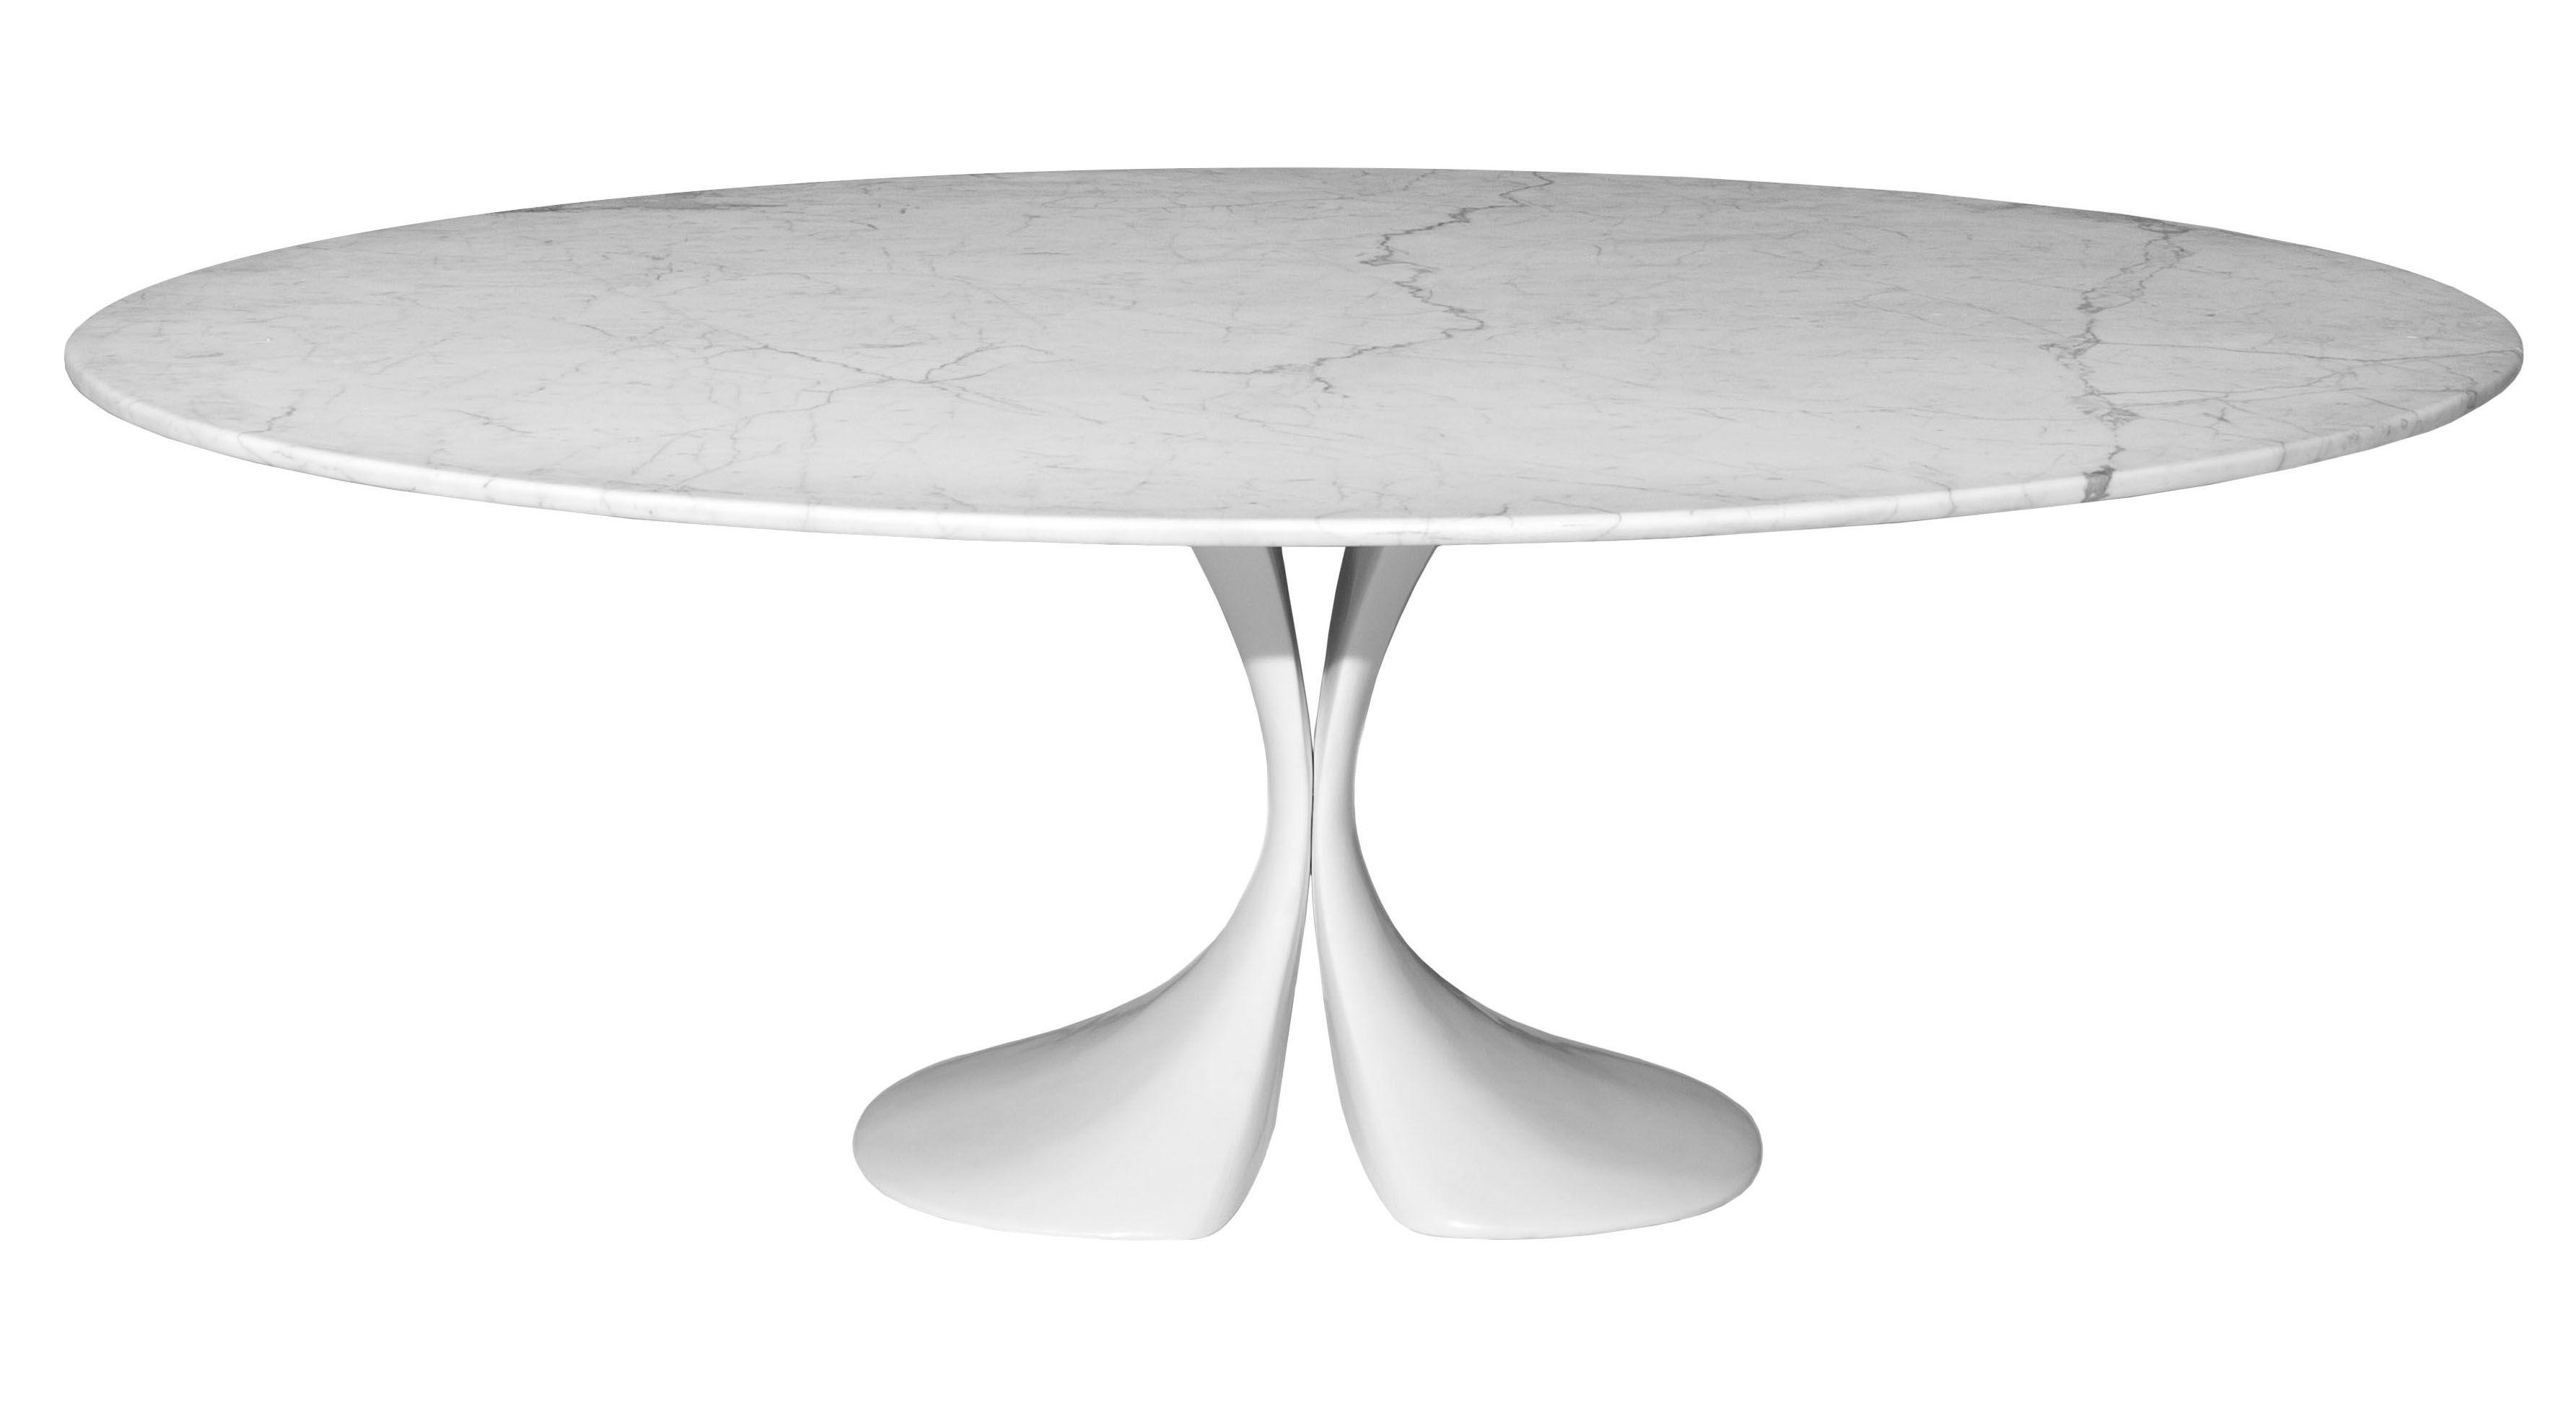 Arredamento - Tavoli - Tavolo ovale Didymos - 200 x 140 cm - Piano in marmo di Driade - Piano in marmo bianco - Cristalplant, Marmo